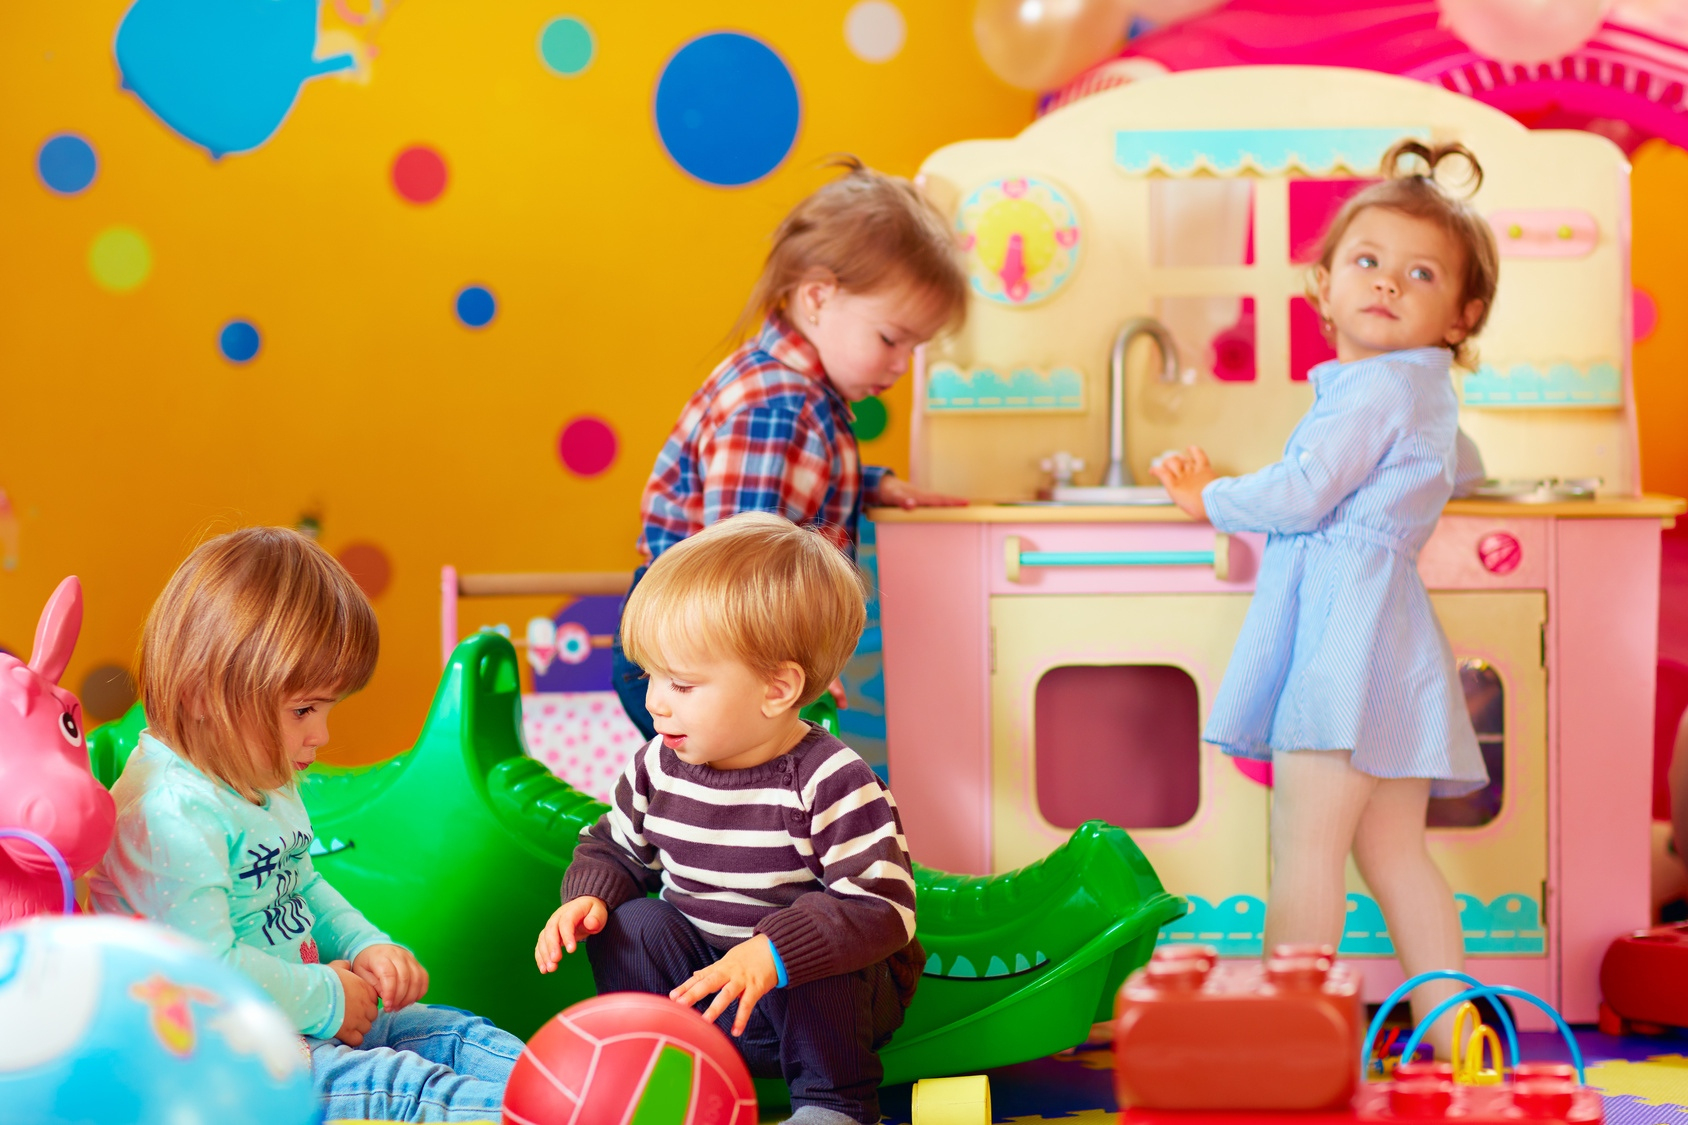 Le Jeu Symbolique À La Crèche | Lesprosdelapetiteenfance concernant Jeux Ludique Enfant